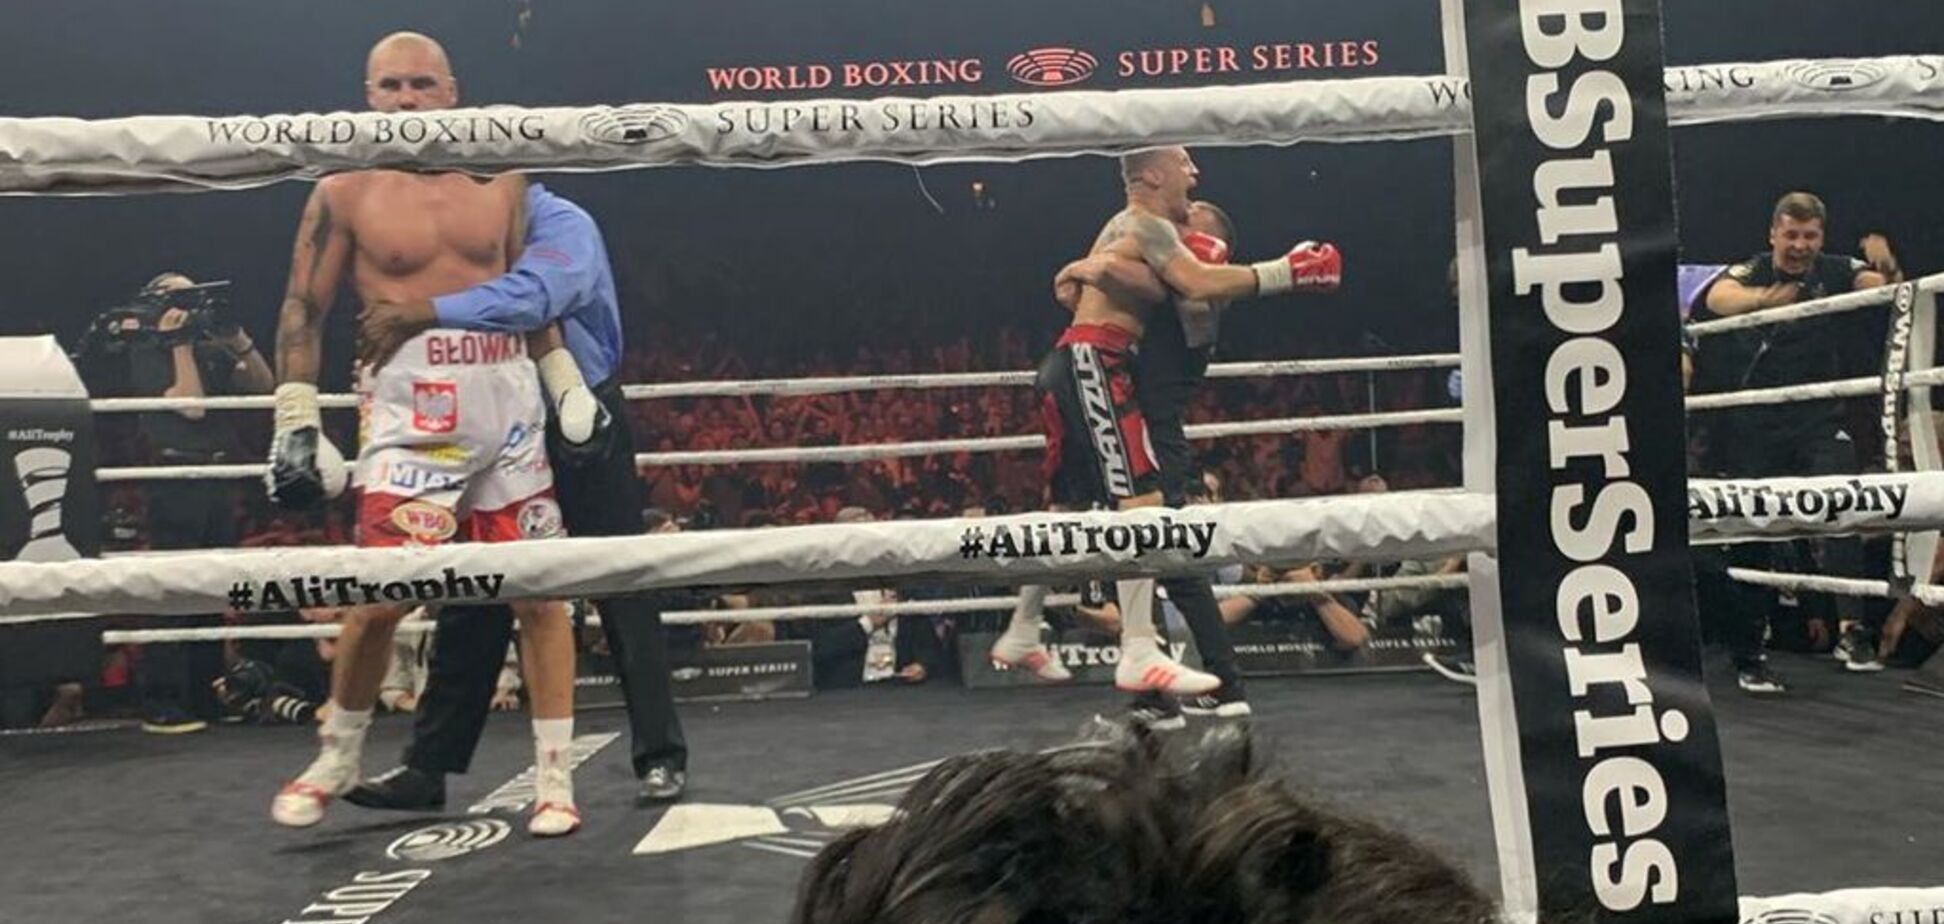 Суперсерия бокса: экс-соперник Усика подал протест на результат скандального боя